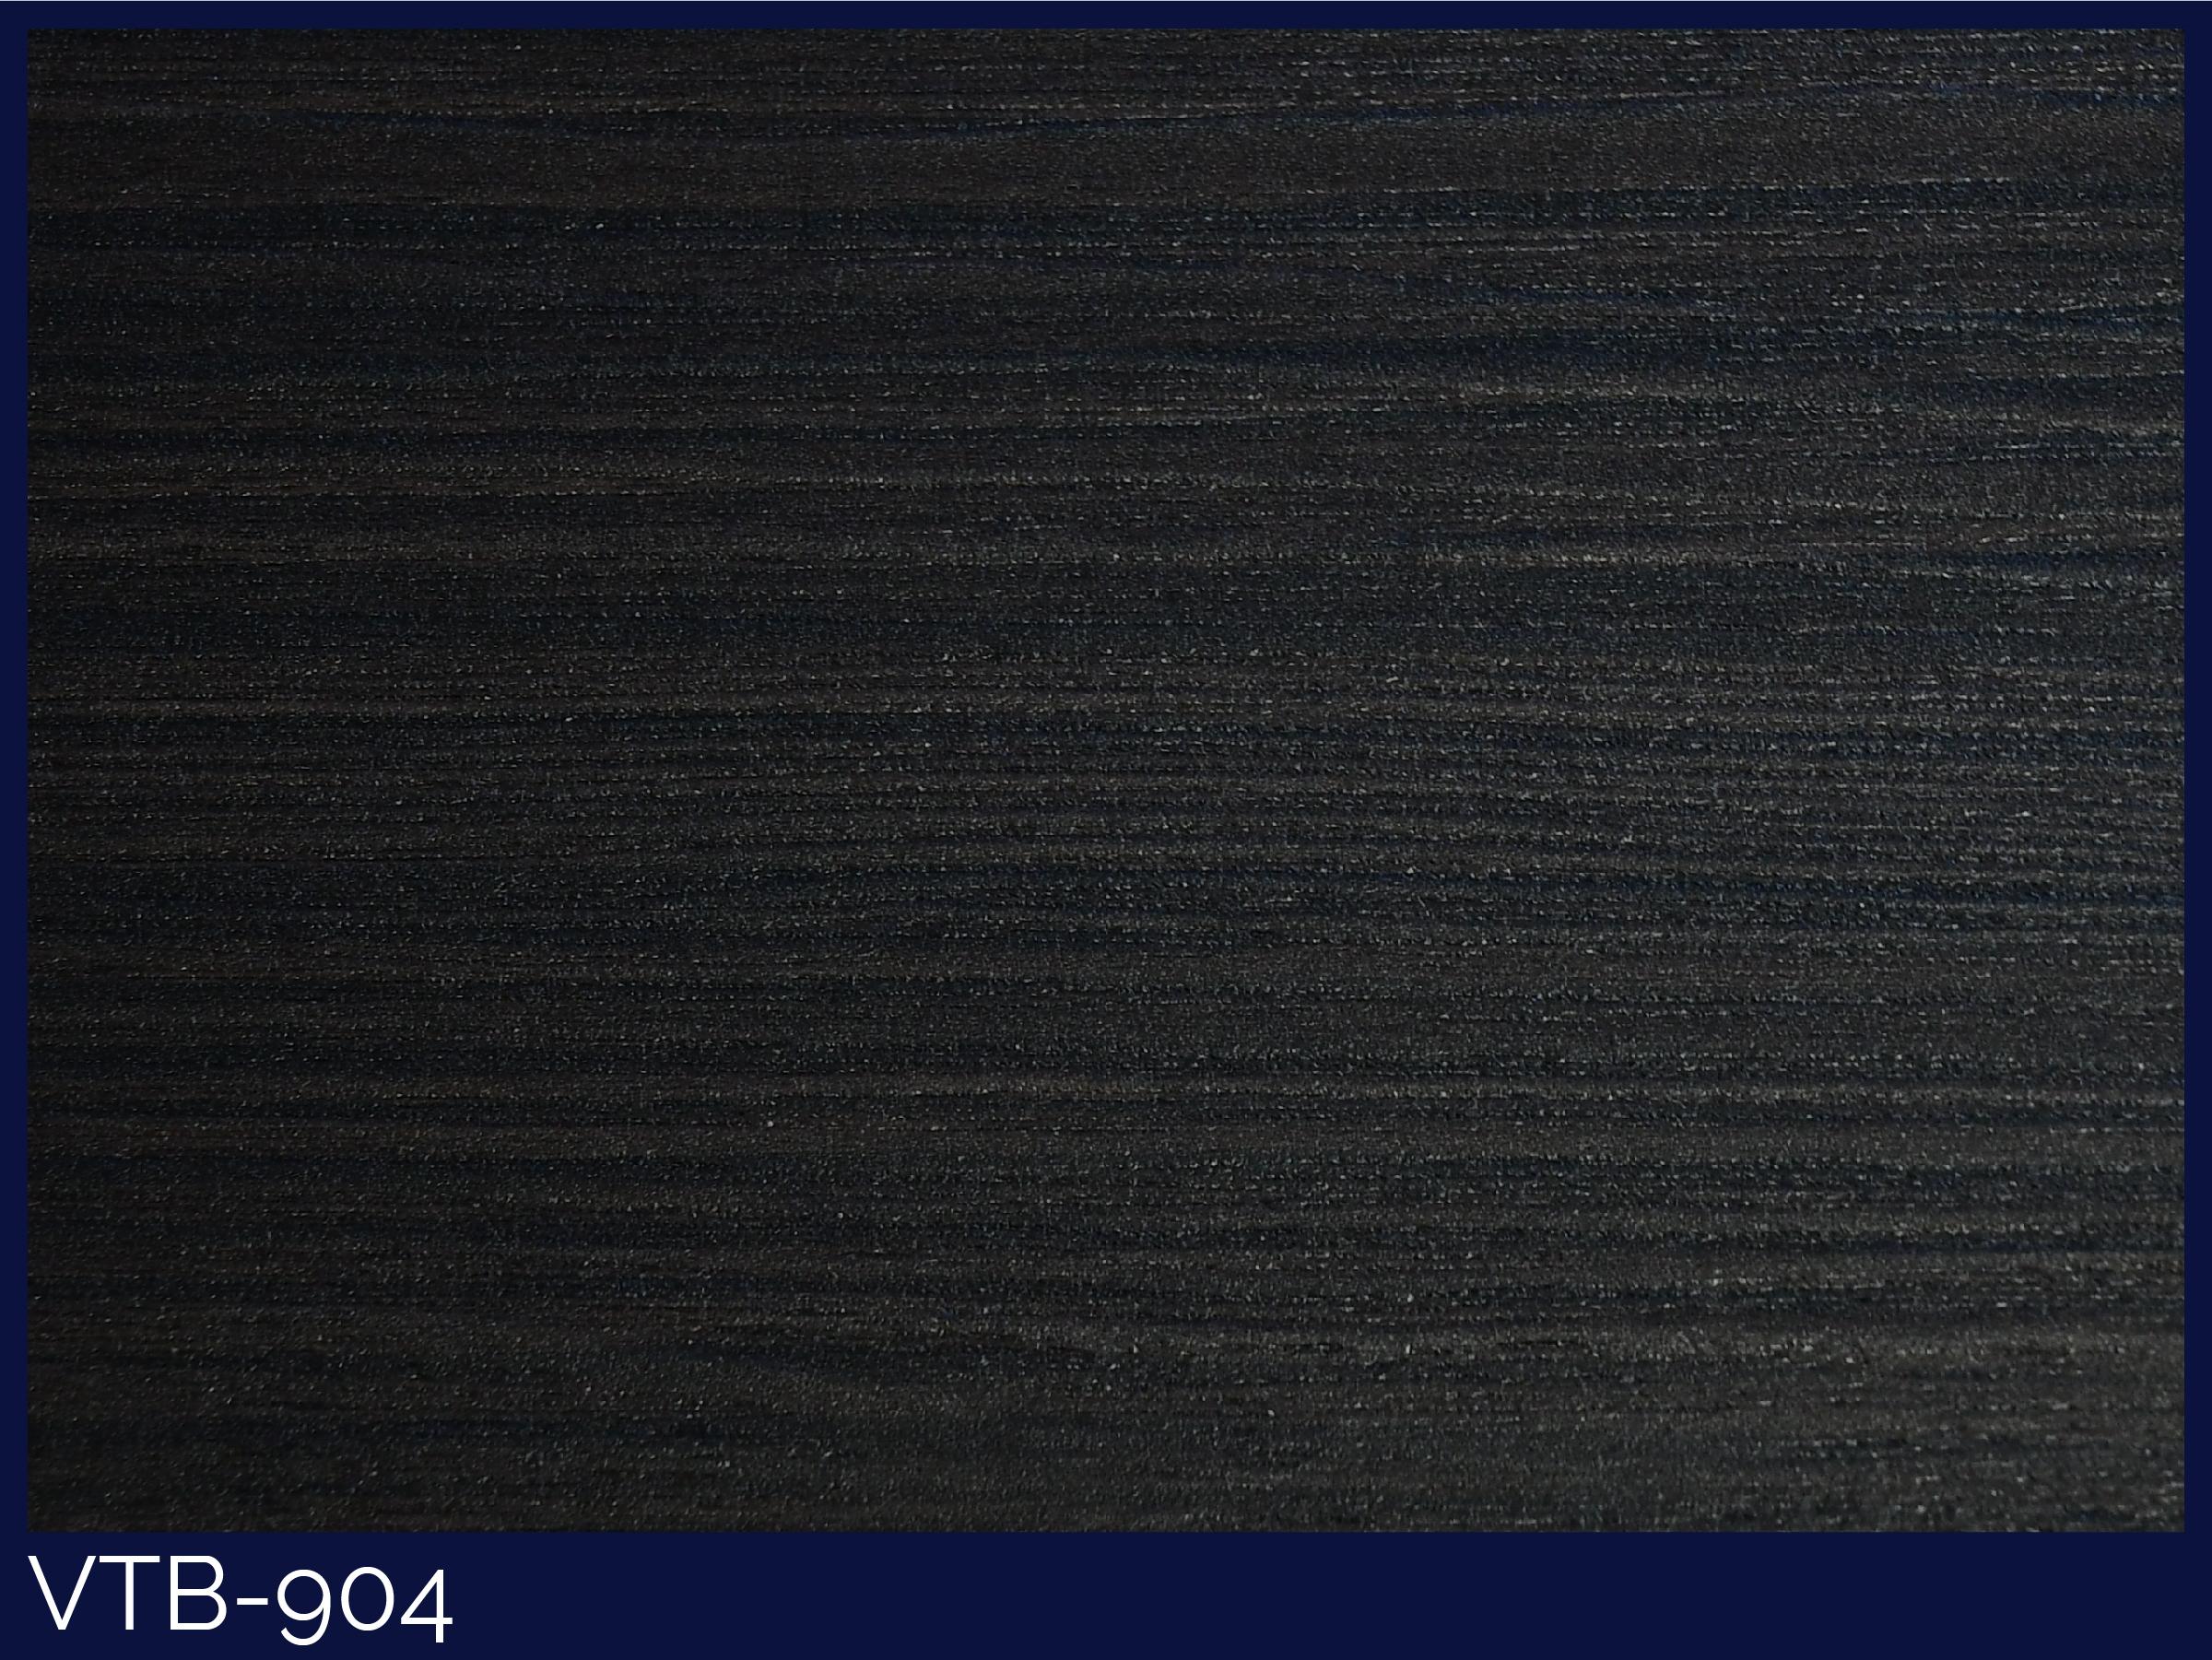 VTB-904.jpg